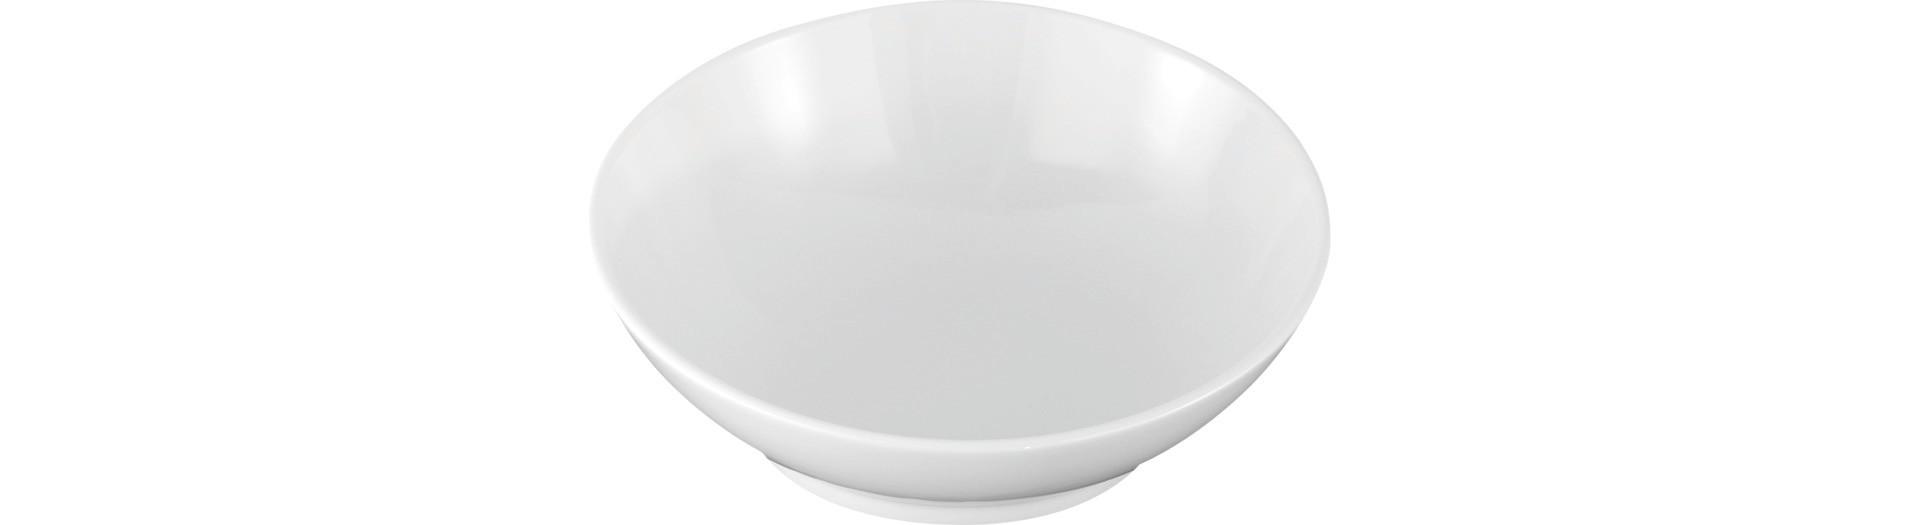 Buffet Gourmet, Frischeschale rund ø 240 mm / 0,95 l